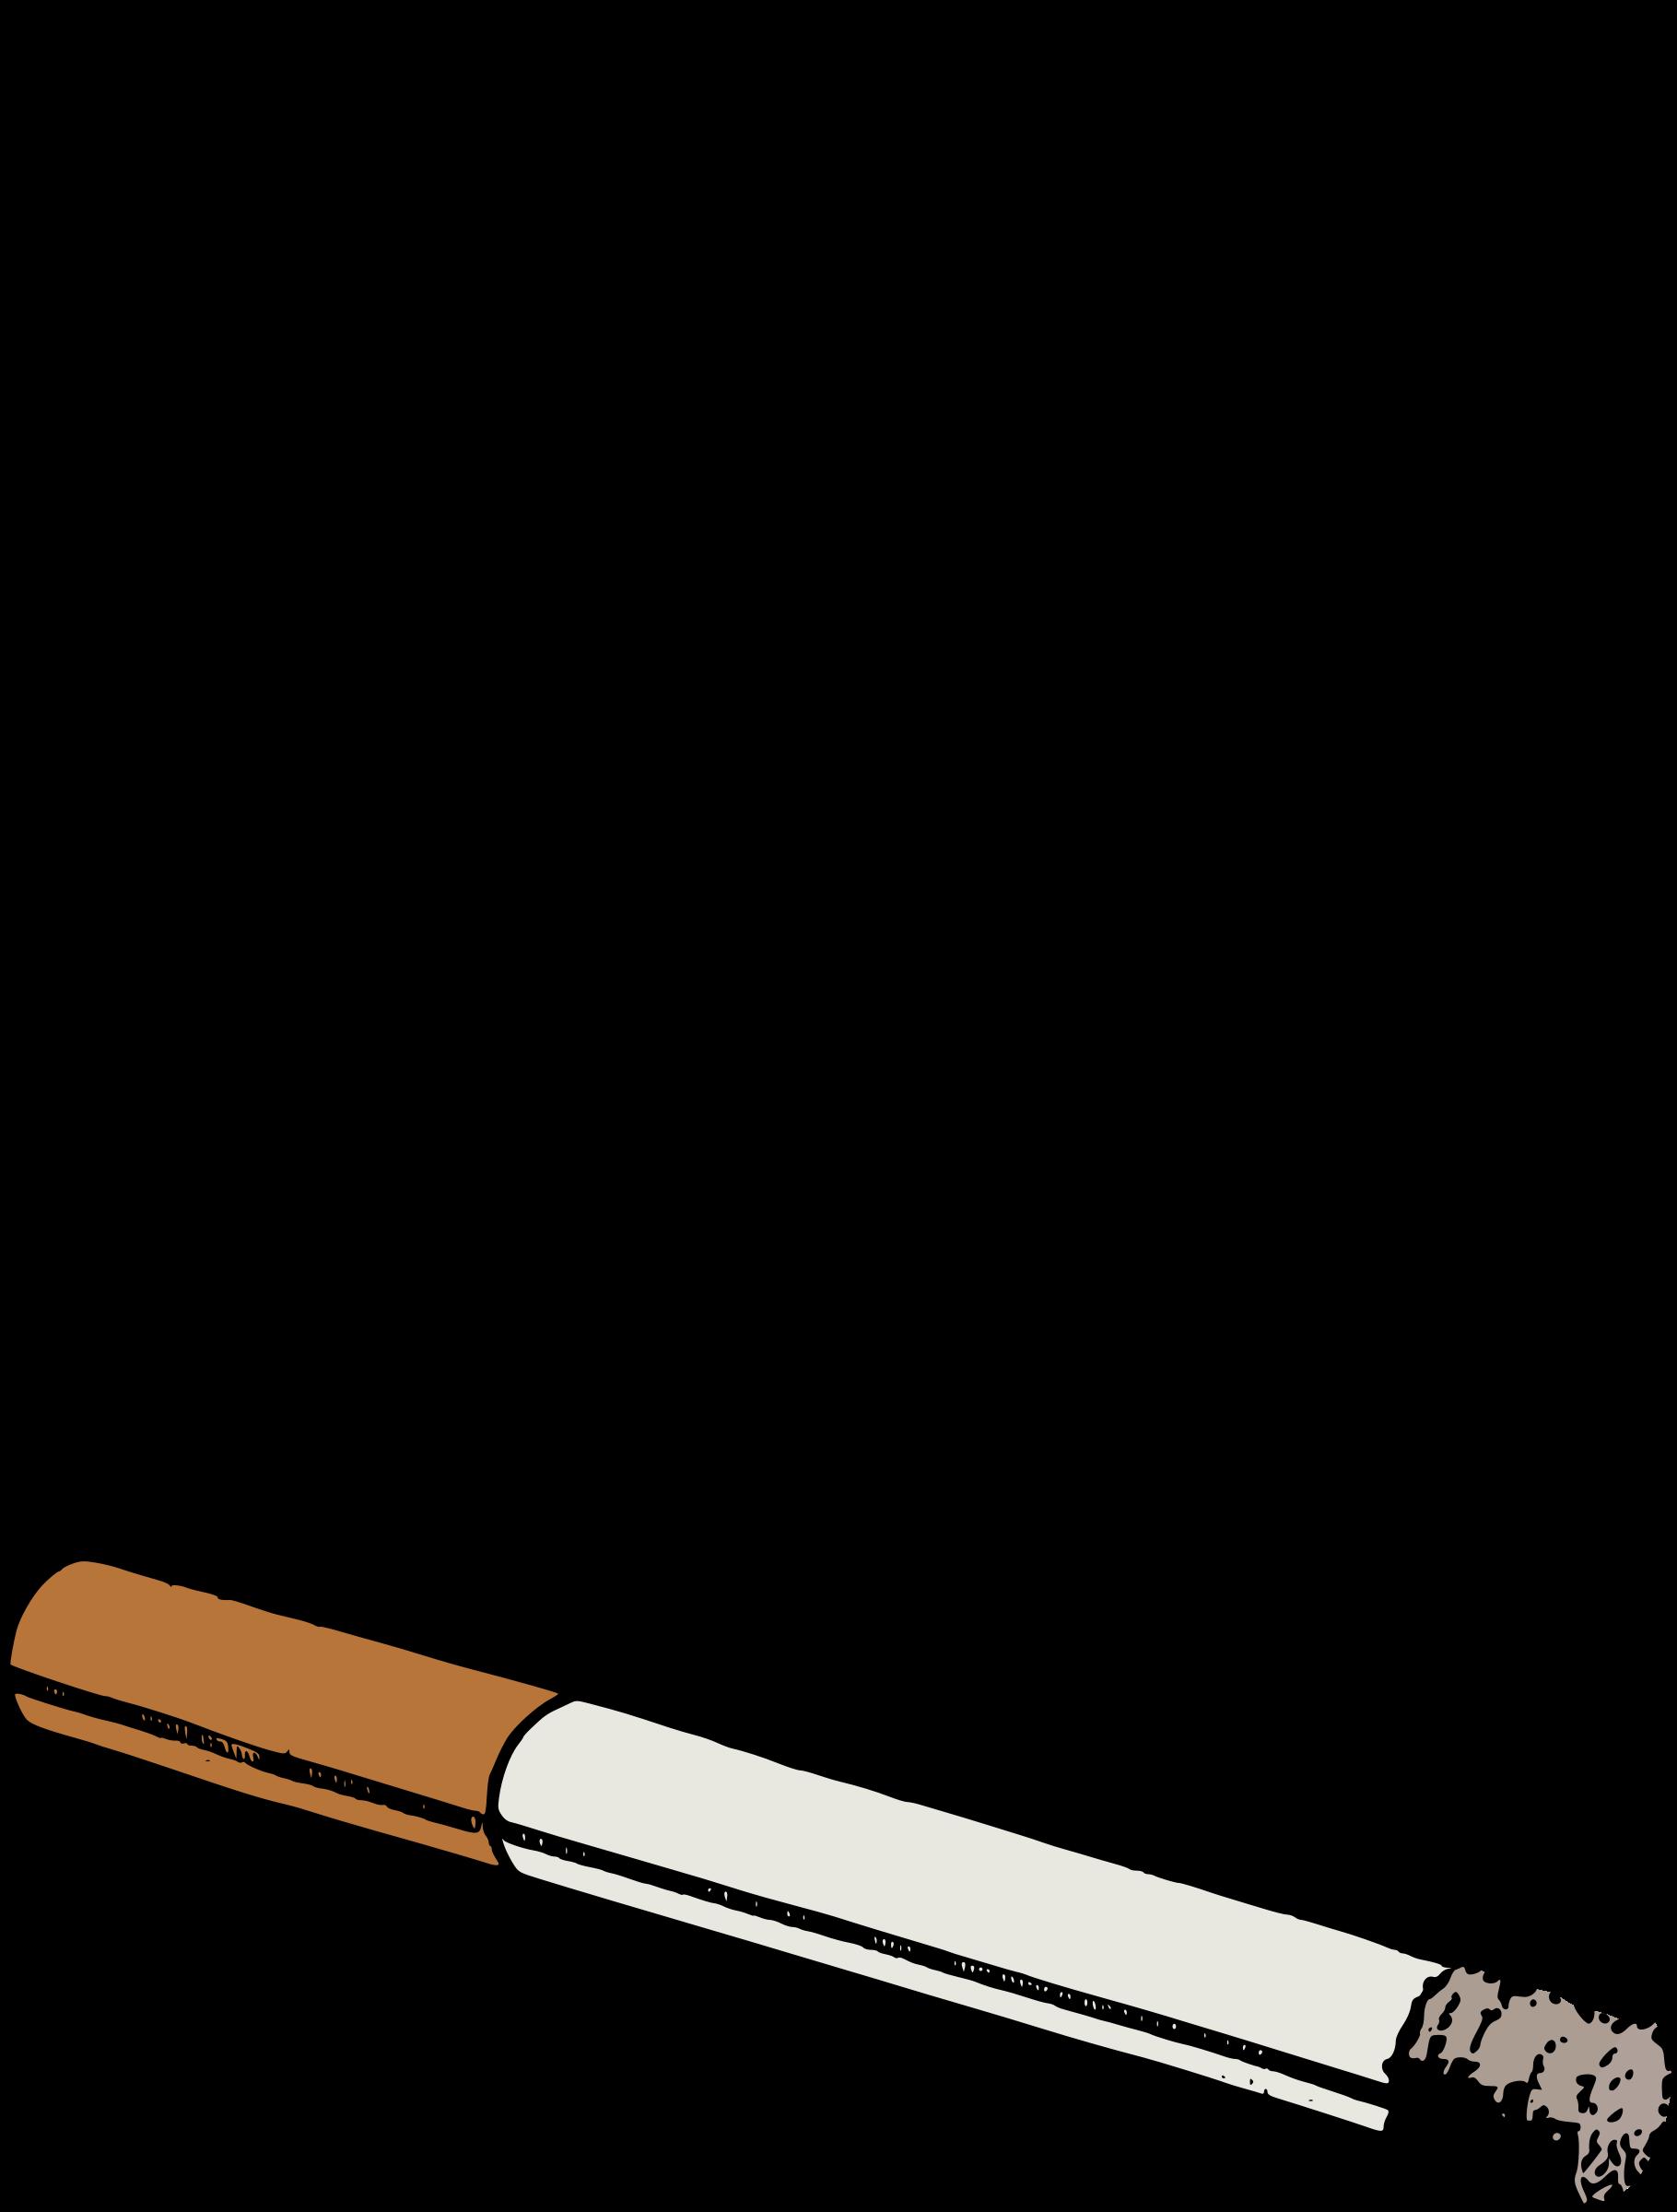 Burning Cigarette Clip Art #1371.